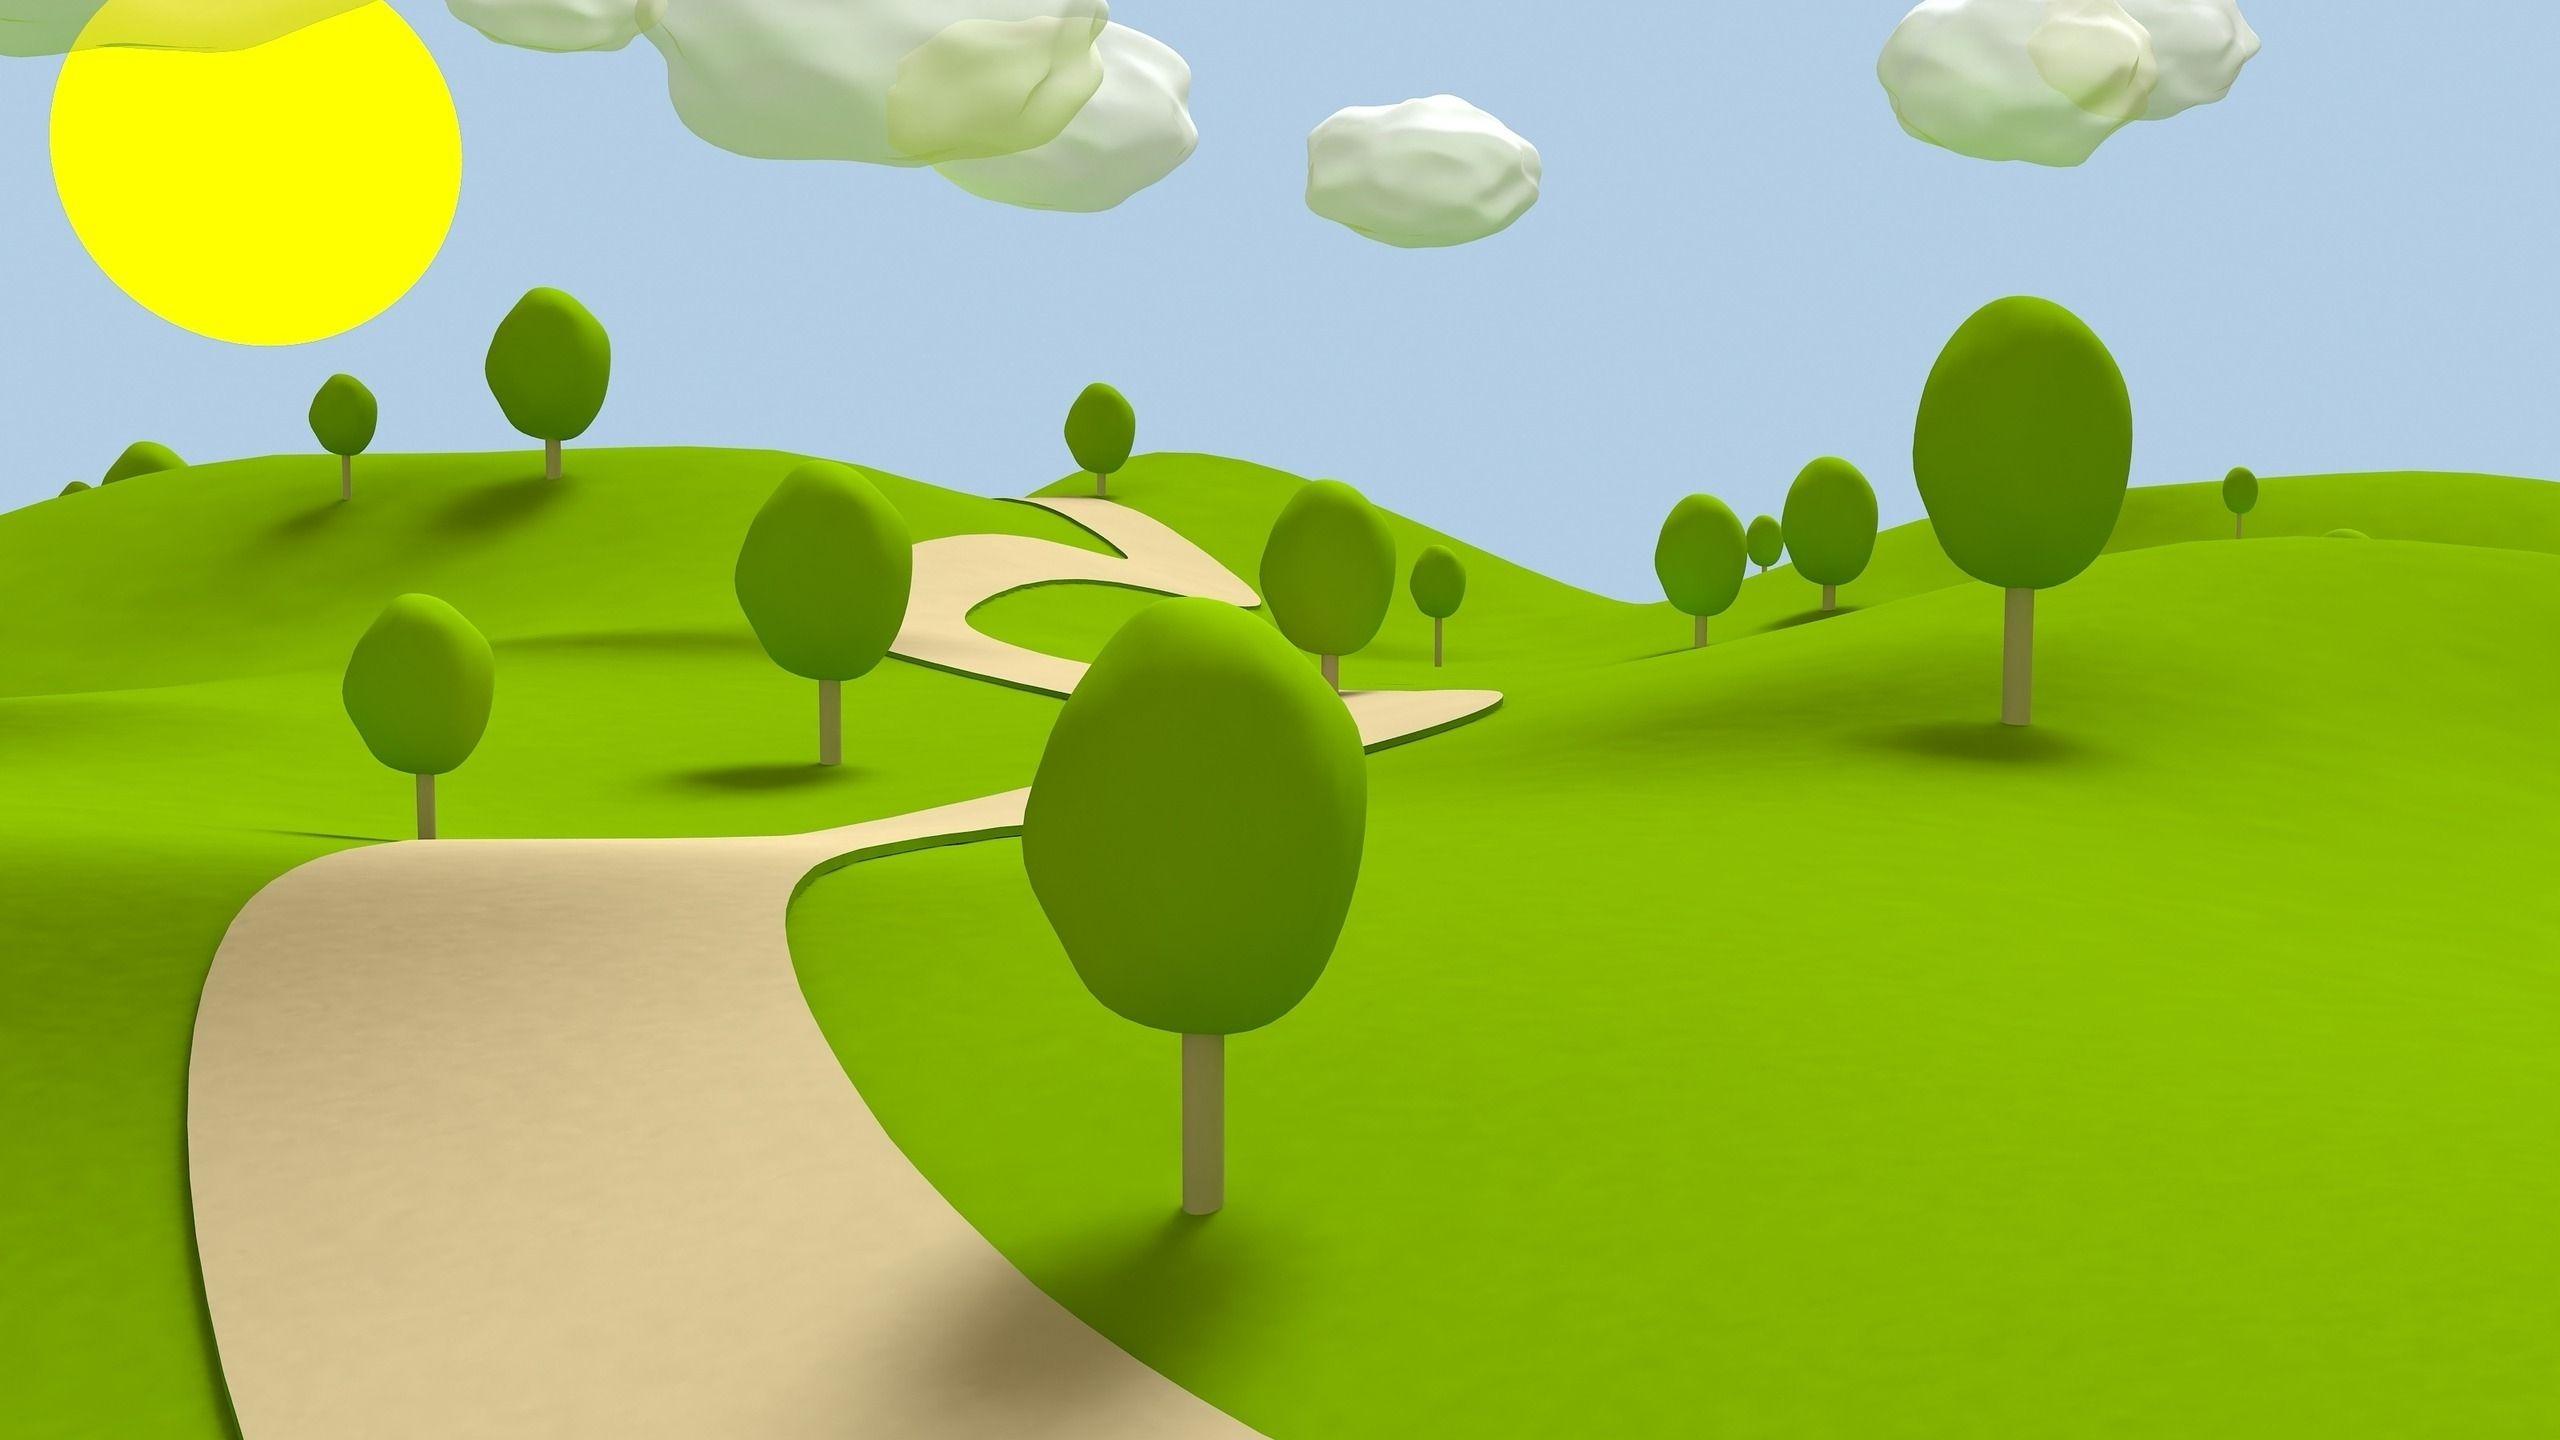 cartoon 2d backgrounds park | 2560x1440 Green Garden ...